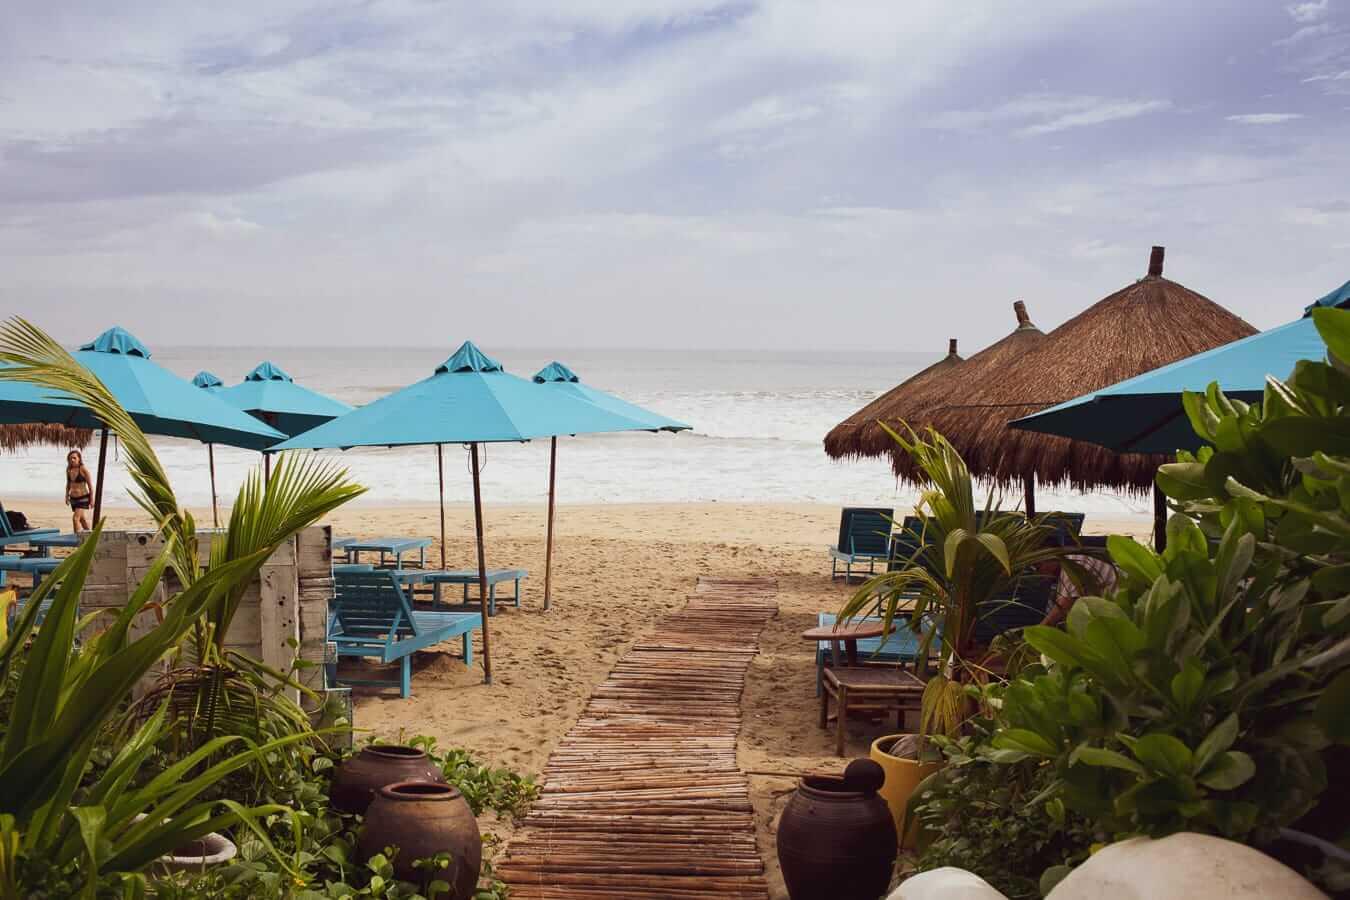 An Bang Beach loungers: Hoi An's beaches